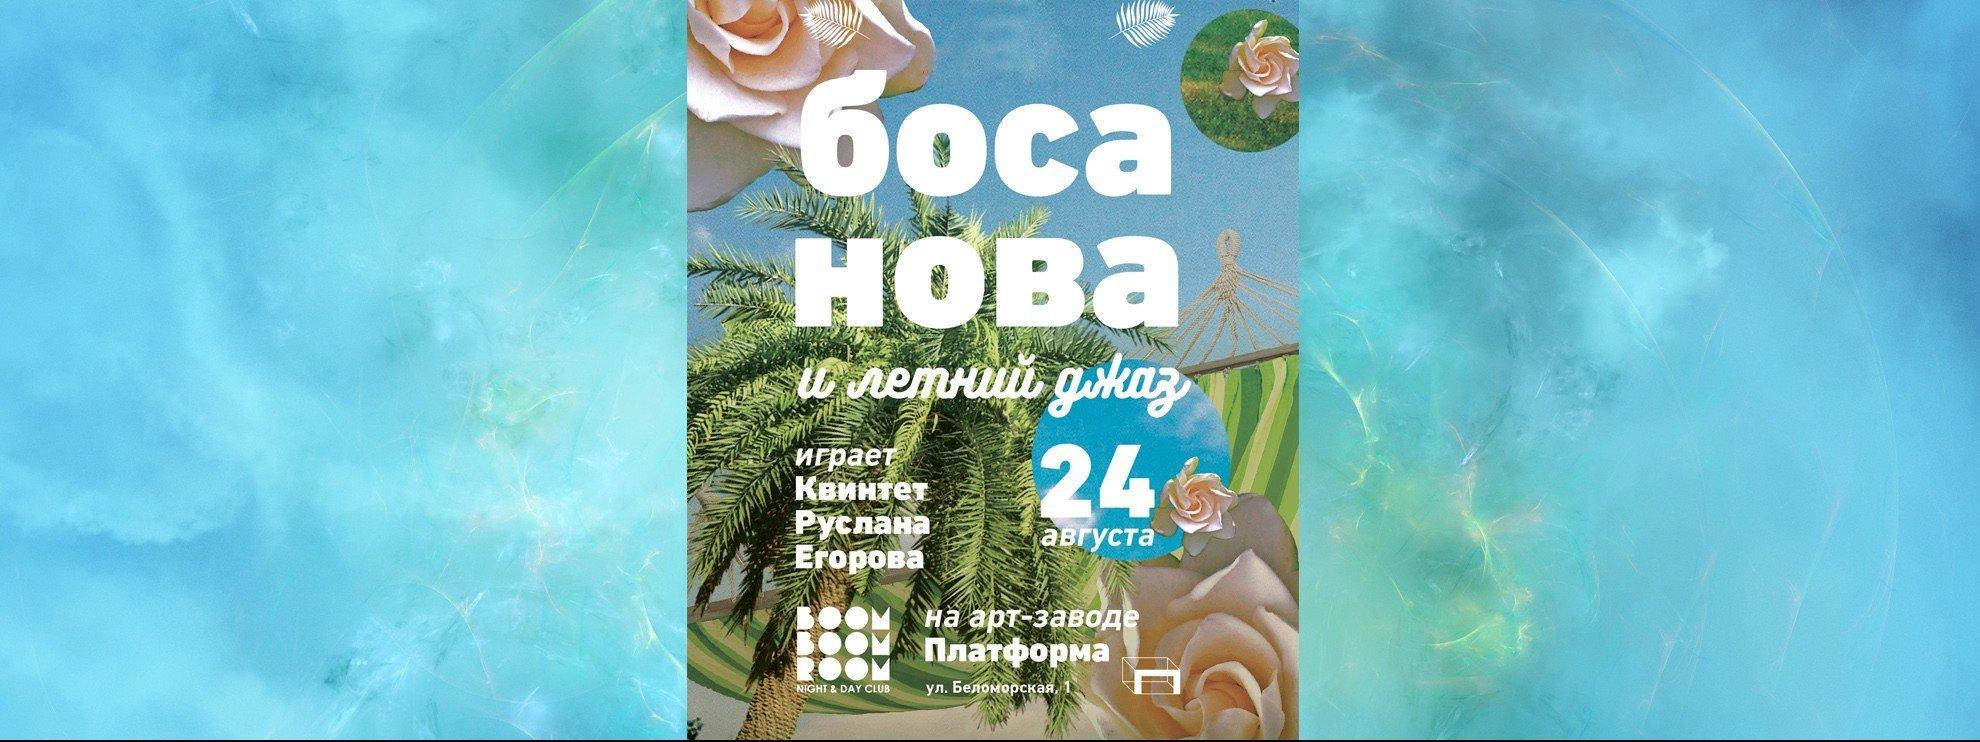 performer Bossa Nova and summer jazz